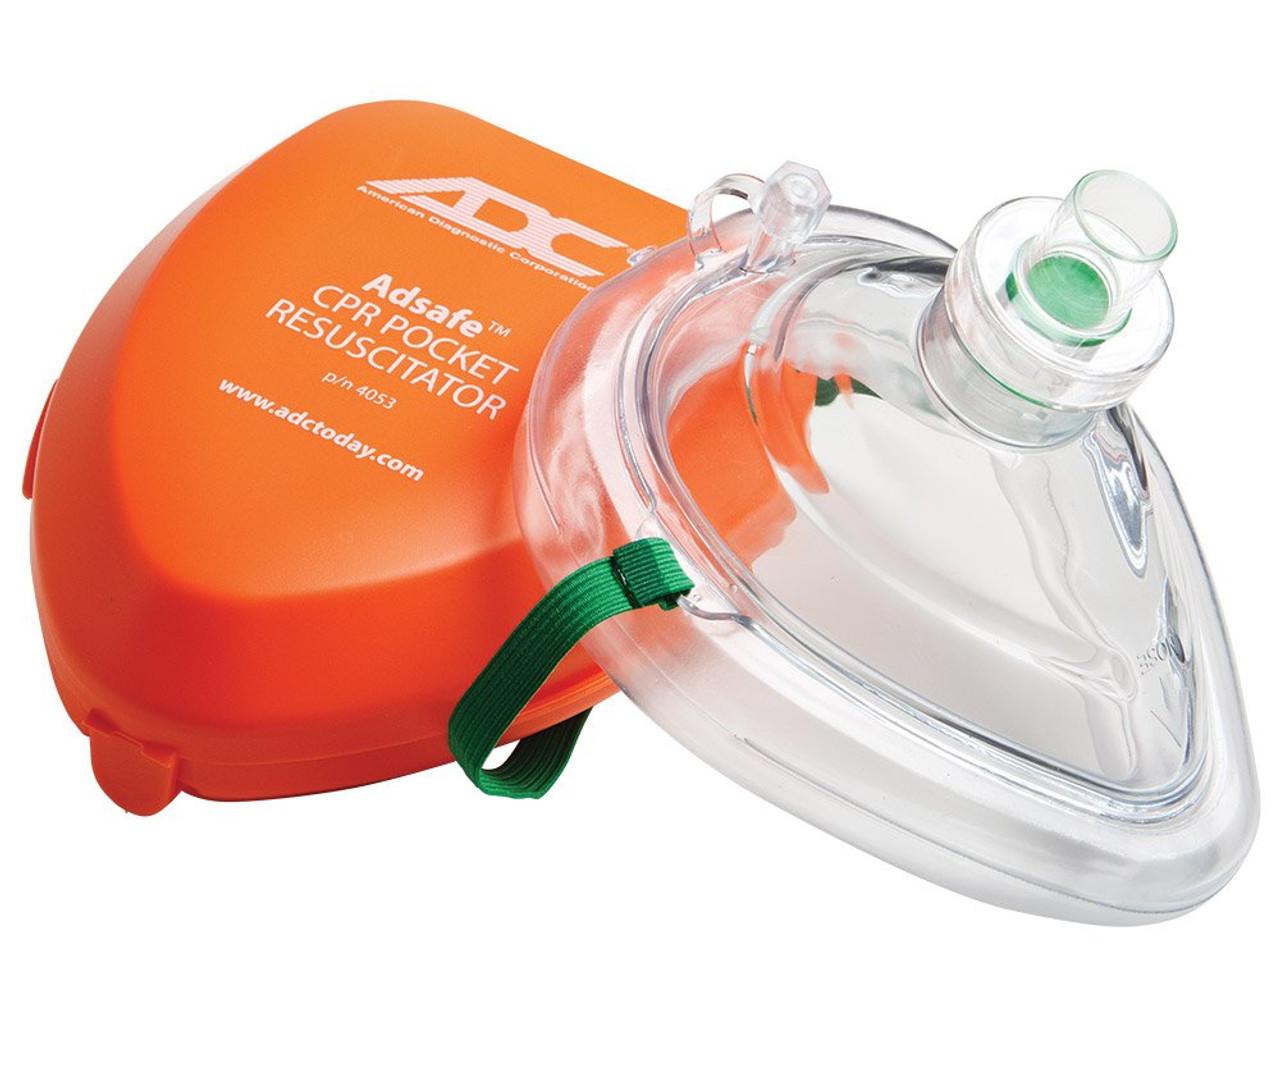 ADC 4053 Adsafe CPR Pocket Resuscitator